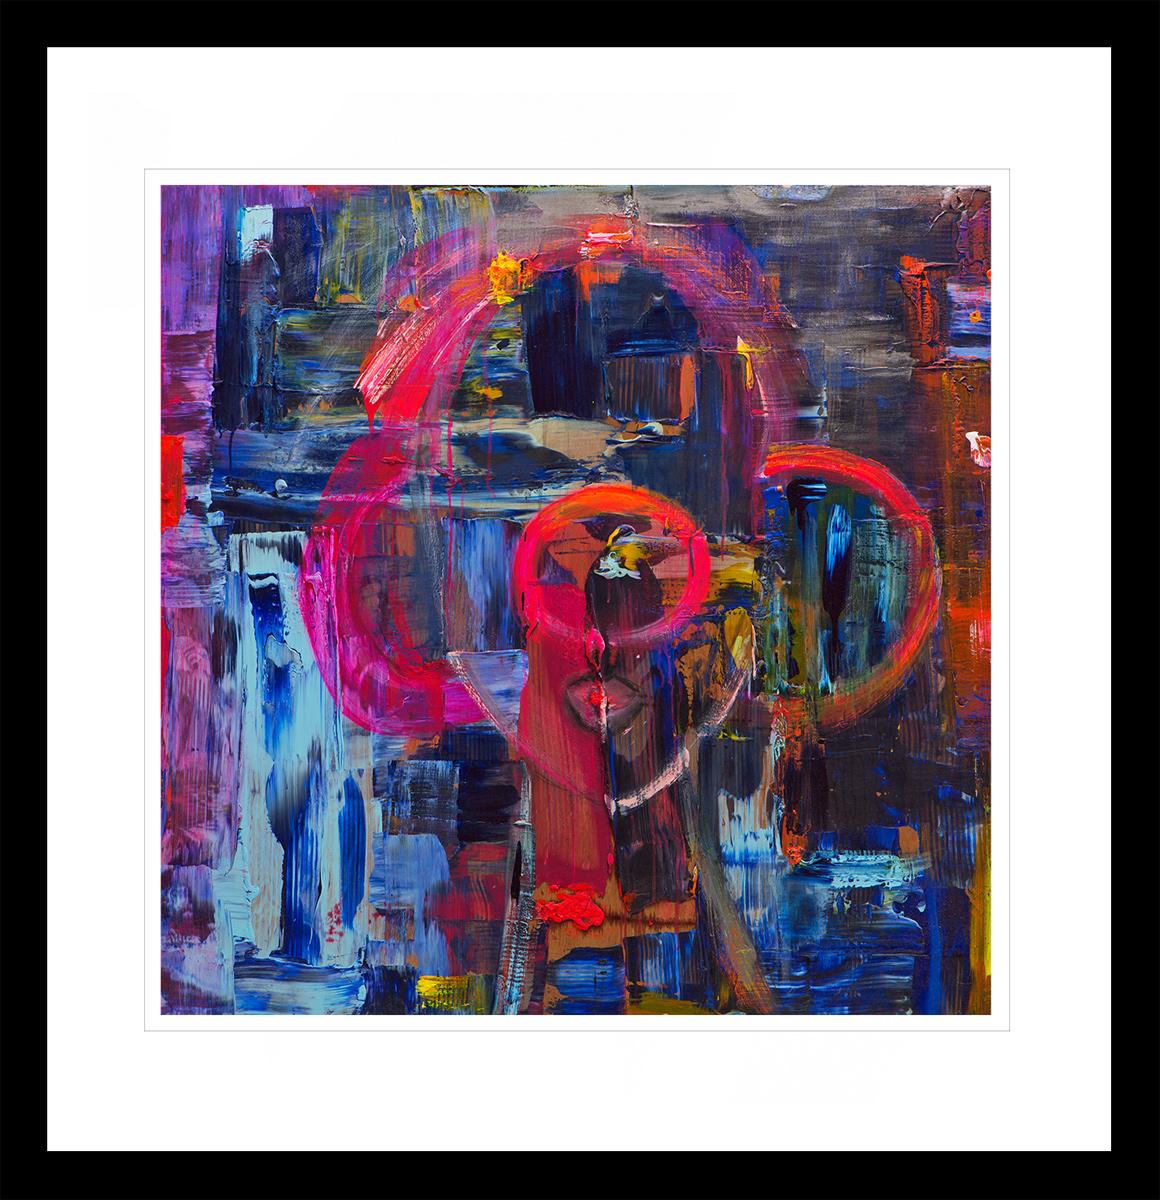 Silhouette av en Optimist, malt med sterke primærfarger. Håndkolorert grafikk av Marianne Aulie.